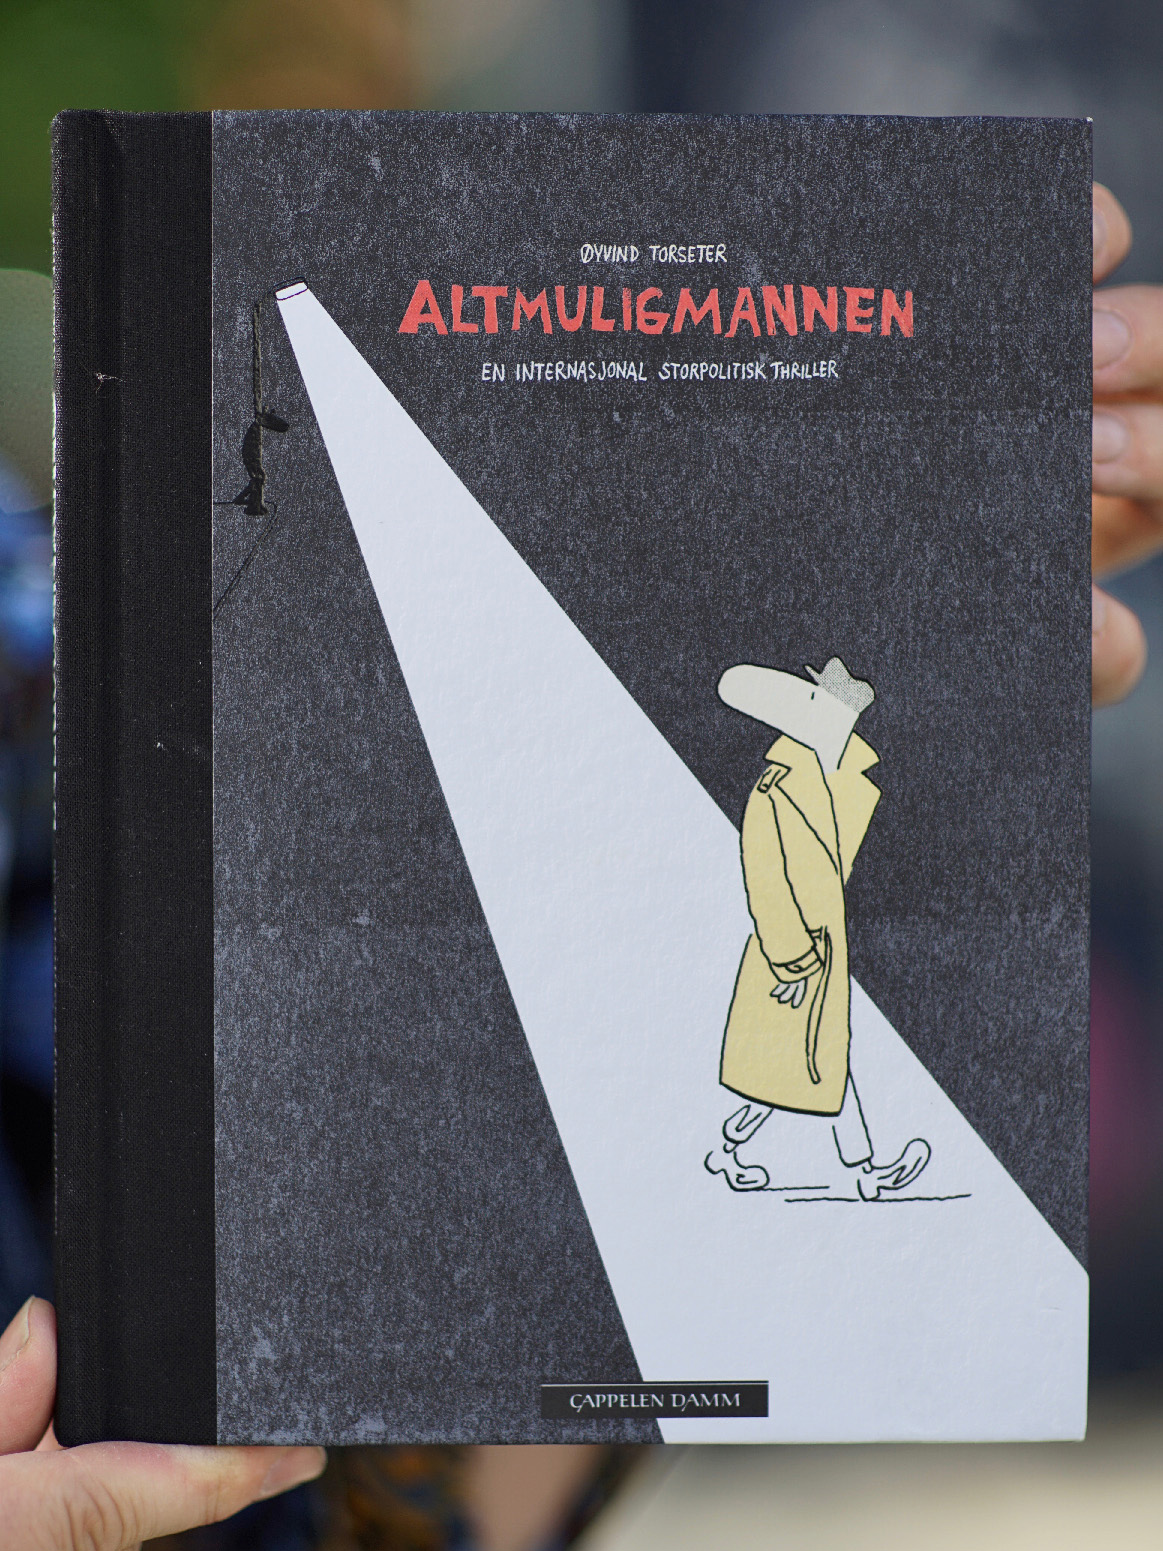 Omslaget til tegneserien Altmuligmannen av Øyvind Torseter